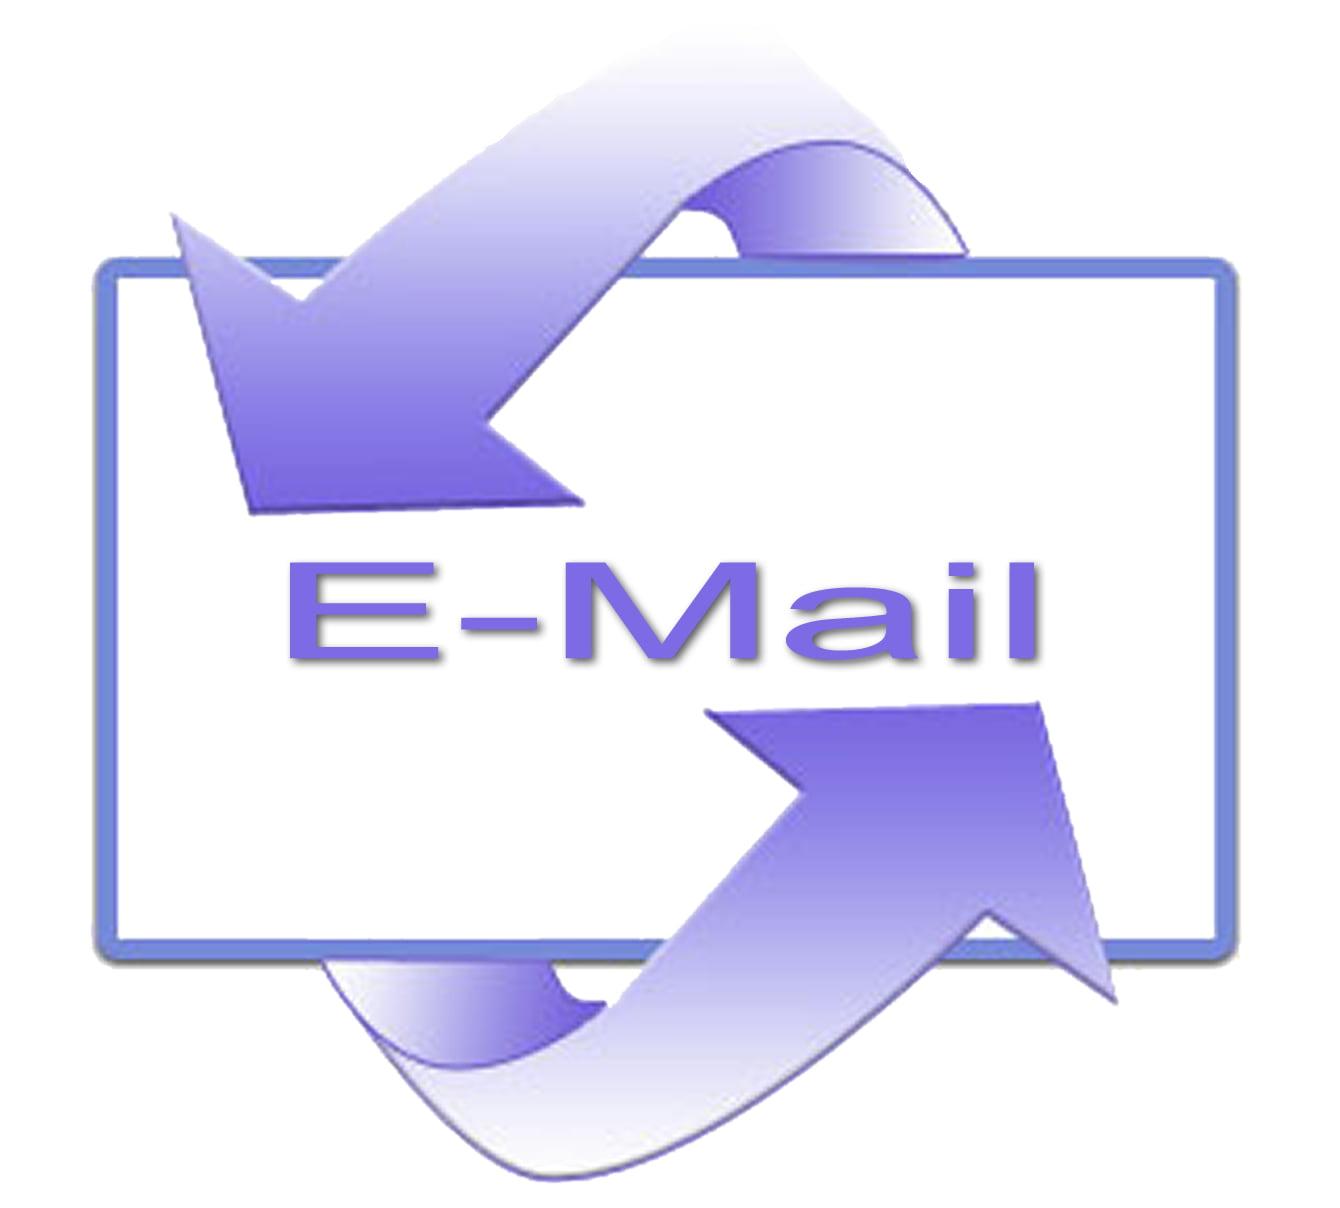 Thủ thuật sử dụng email: Hướng dẫn cách thu hồi email đã gửi trong Outlook và Gmail